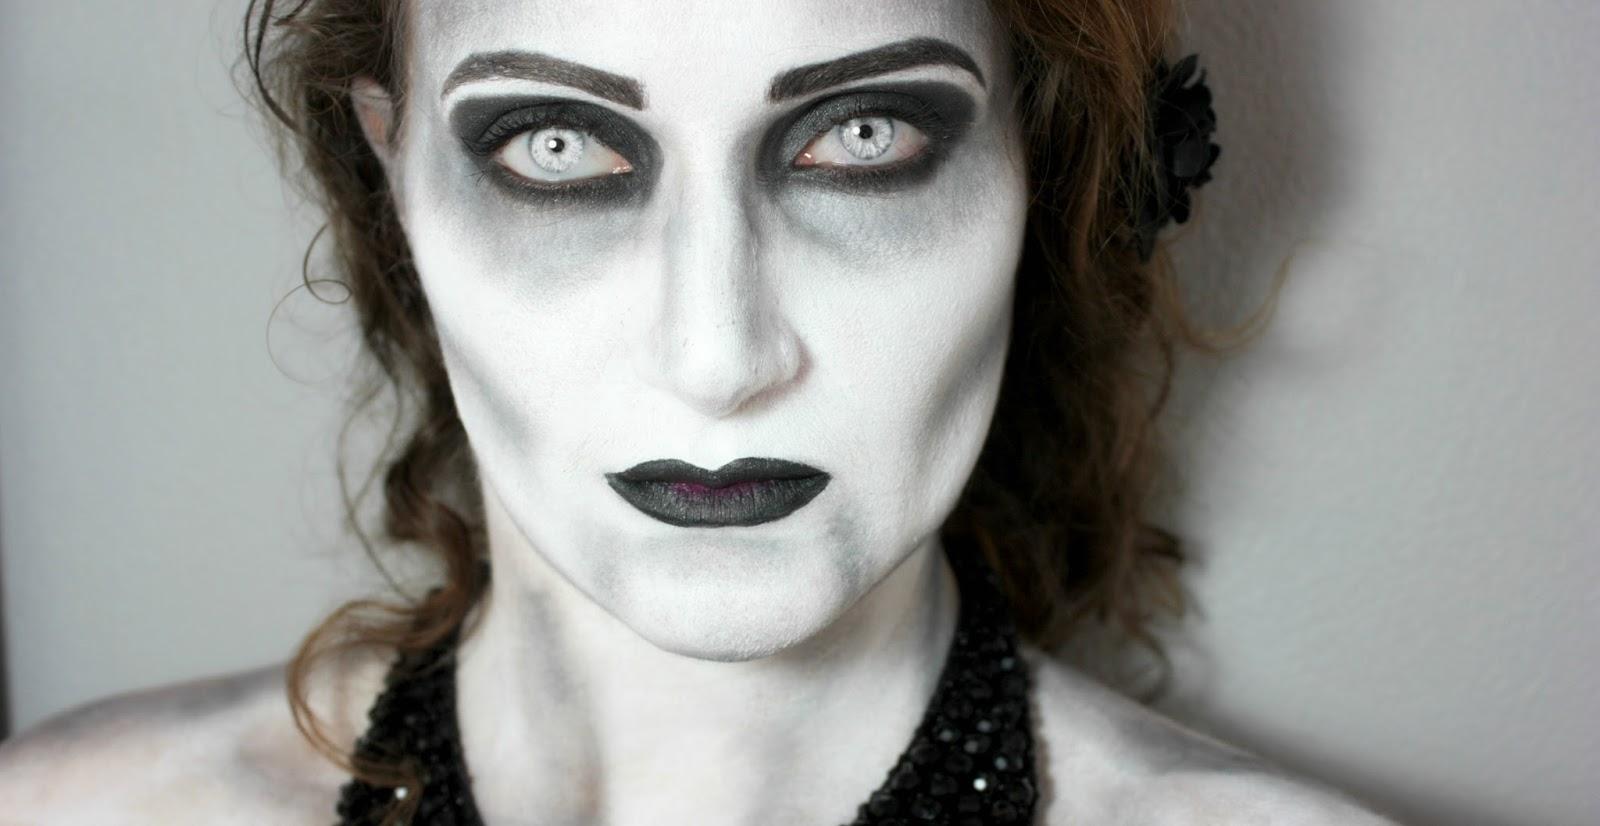 Maquillage zombie halloween garcon - Maquillage pirate halloween ...